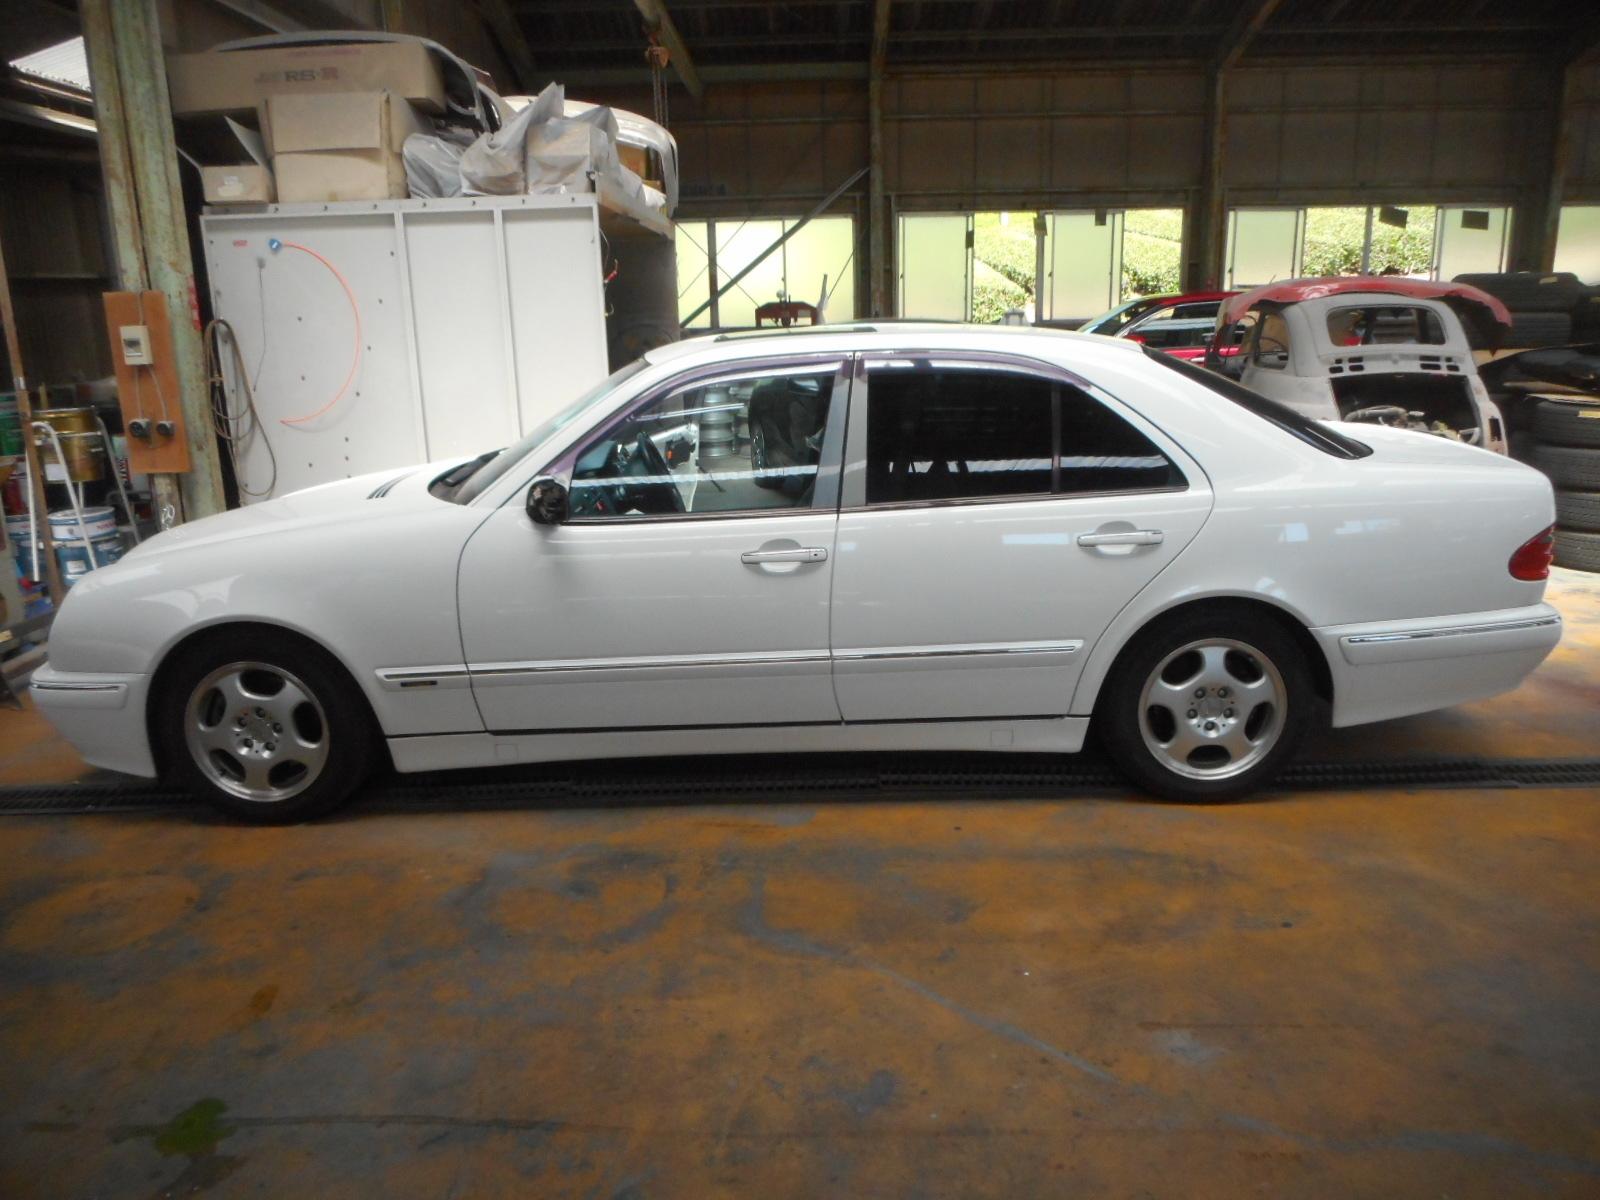 メルセデス・ベンツ W210 ドアミラー、パワーウインド動かない 修理_c0267693_17335204.jpg